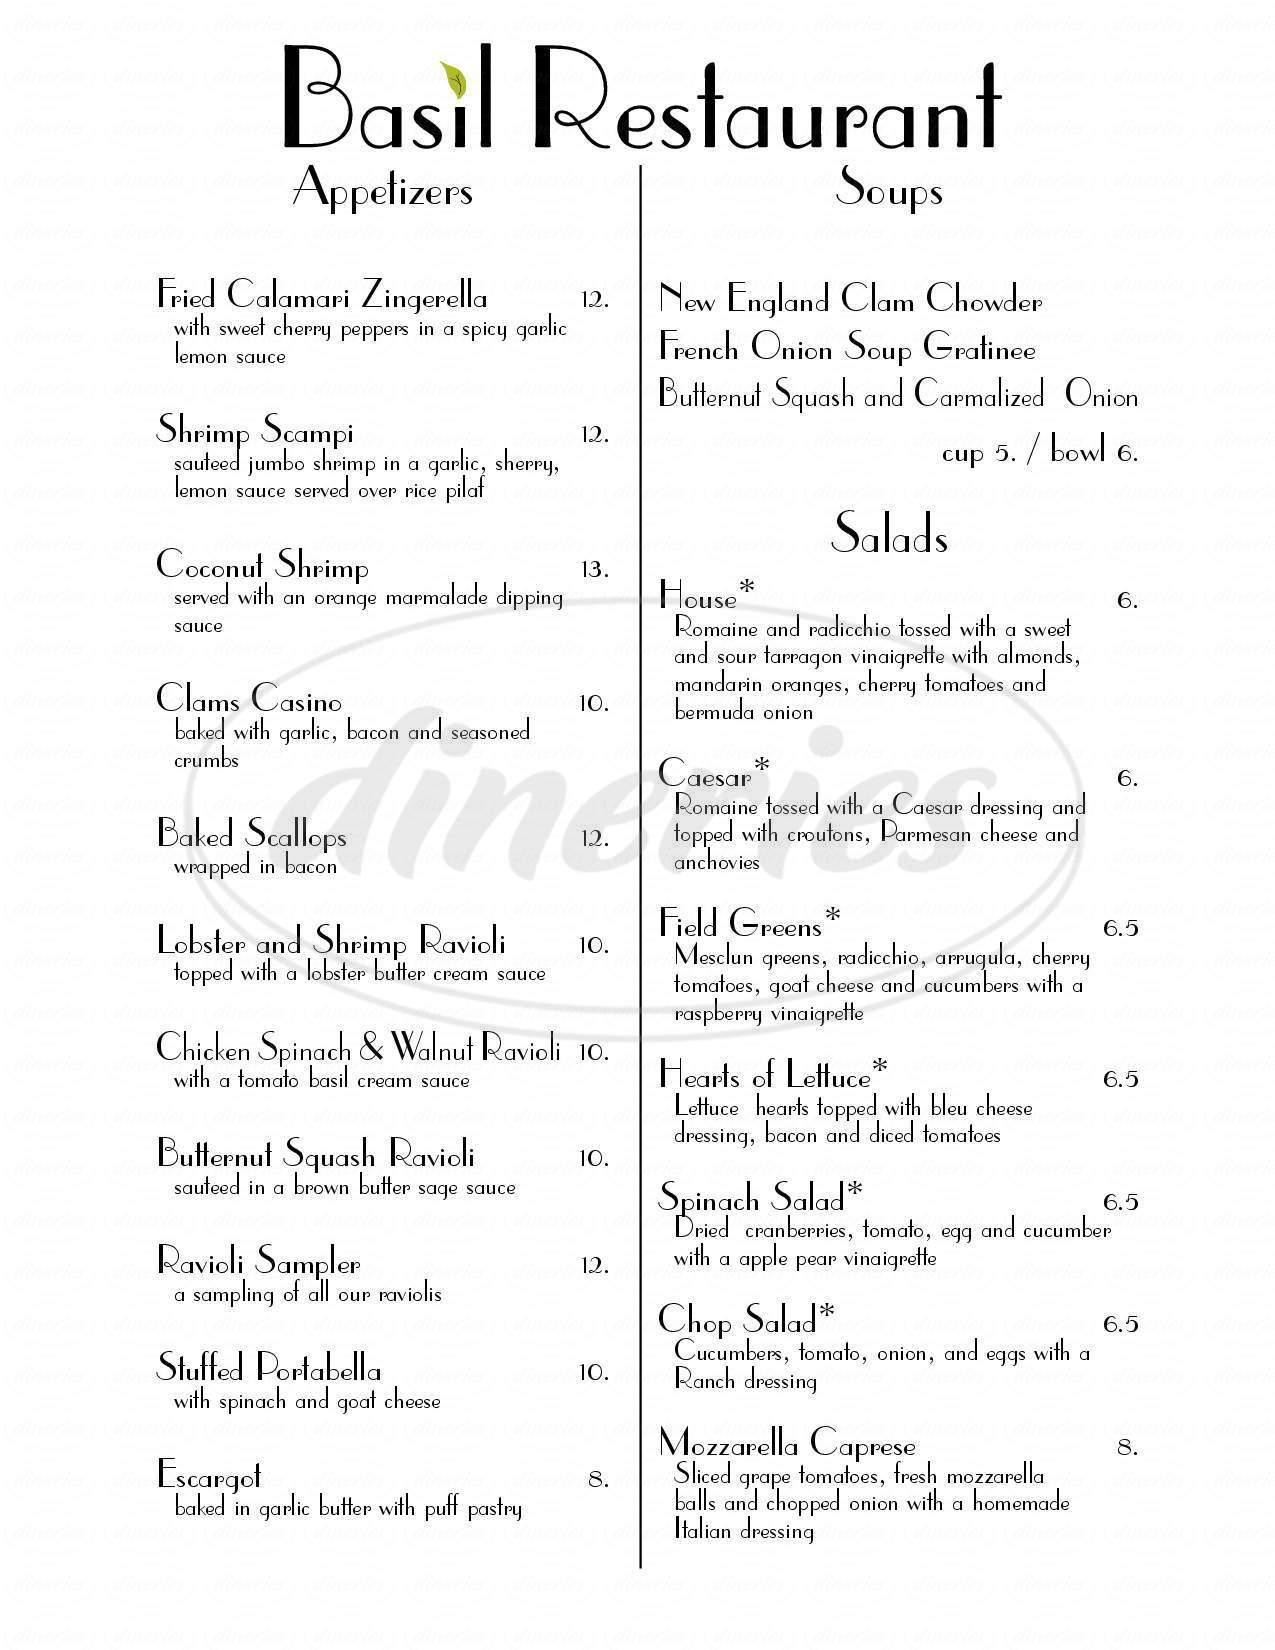 menu for Basil